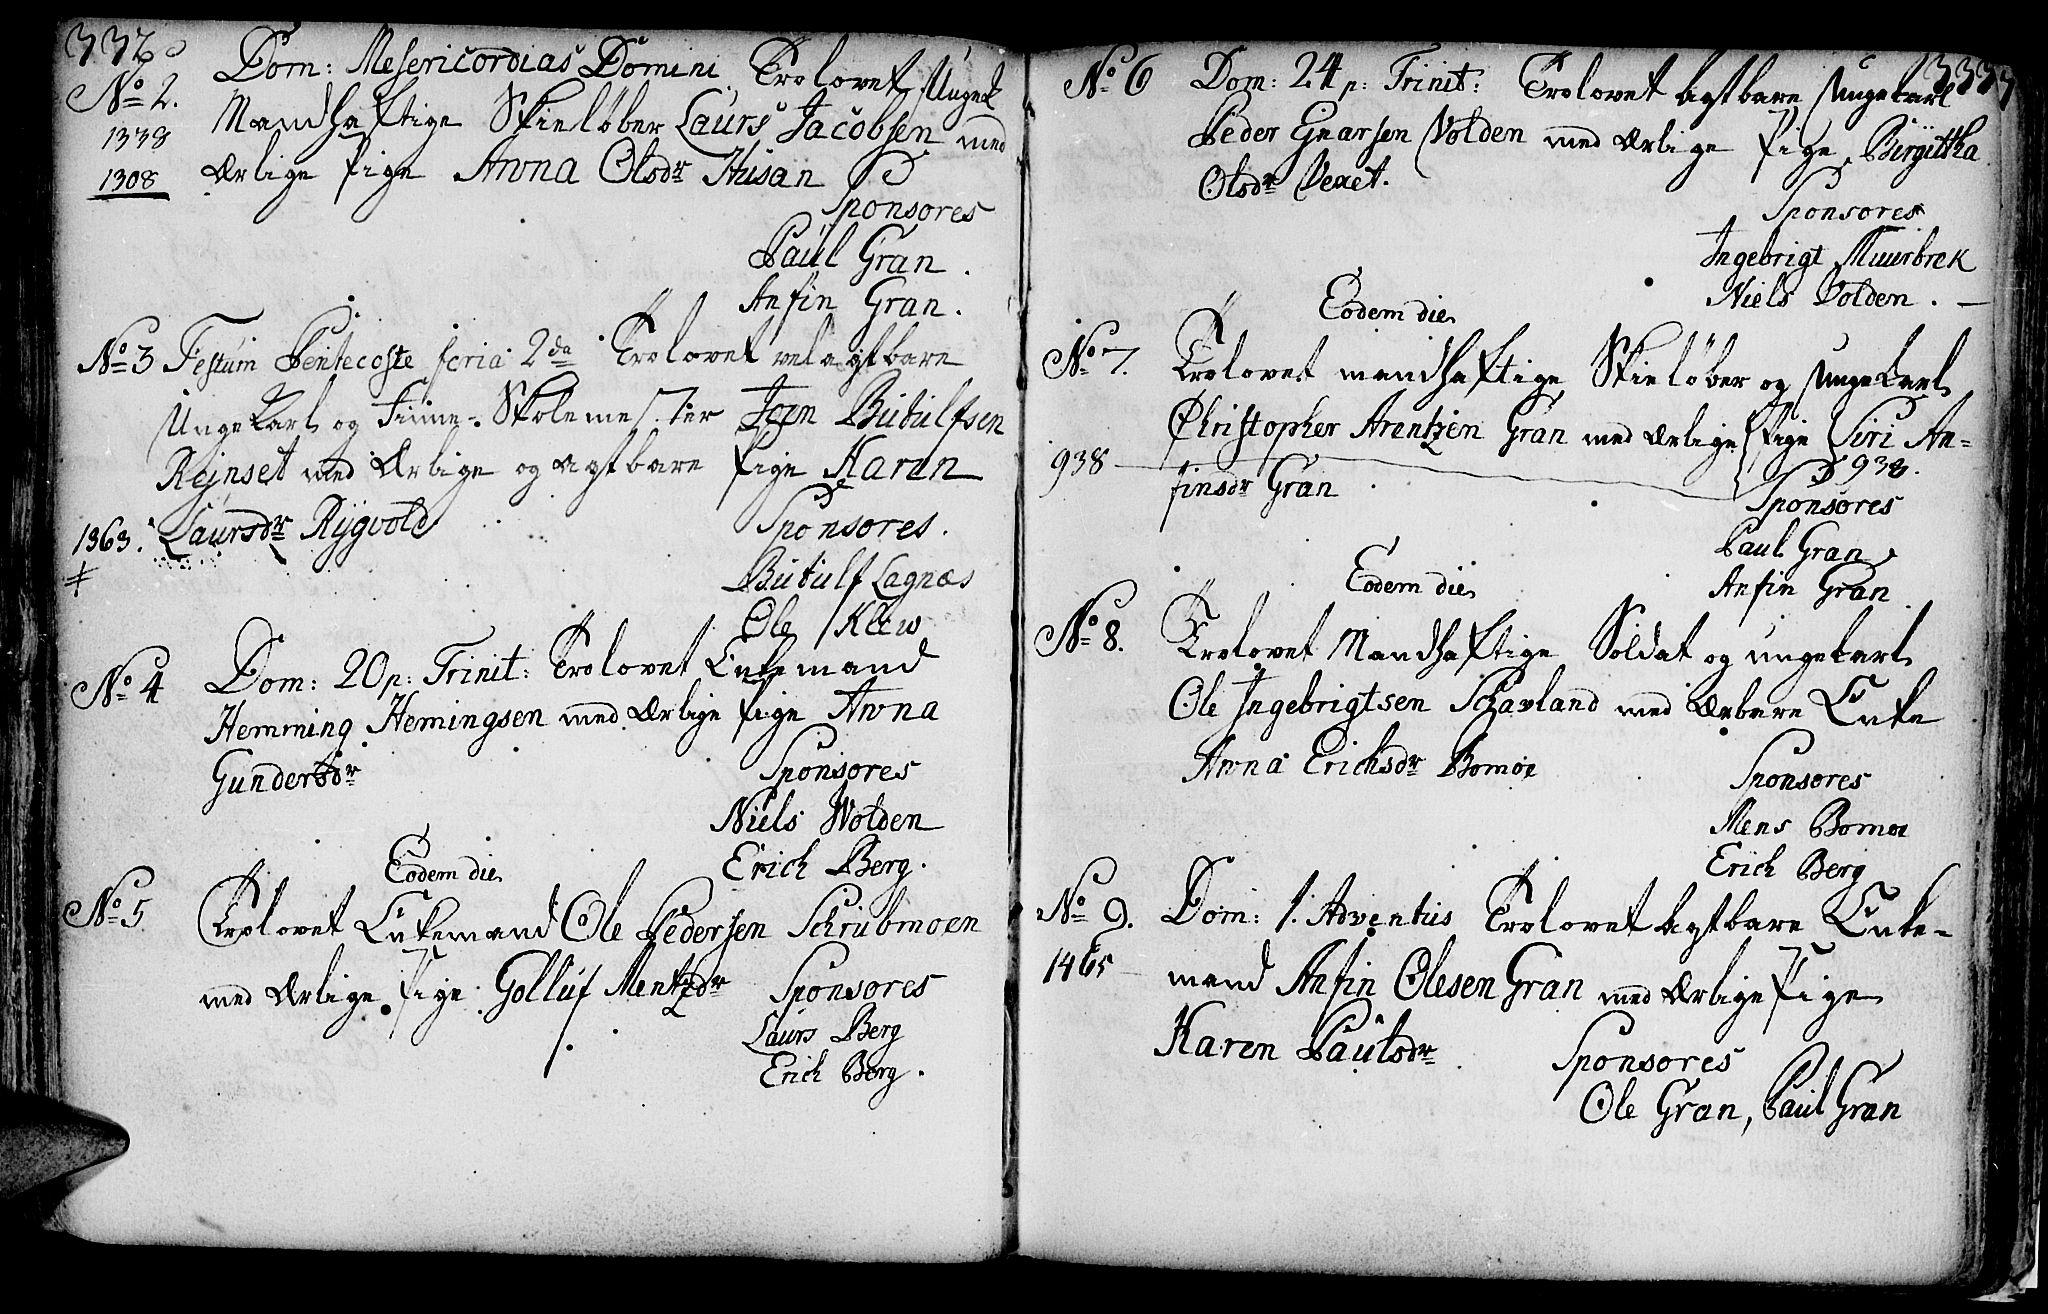 SAT, Ministerialprotokoller, klokkerbøker og fødselsregistre - Nord-Trøndelag, 749/L0467: Ministerialbok nr. 749A01, 1733-1787, s. 332-333